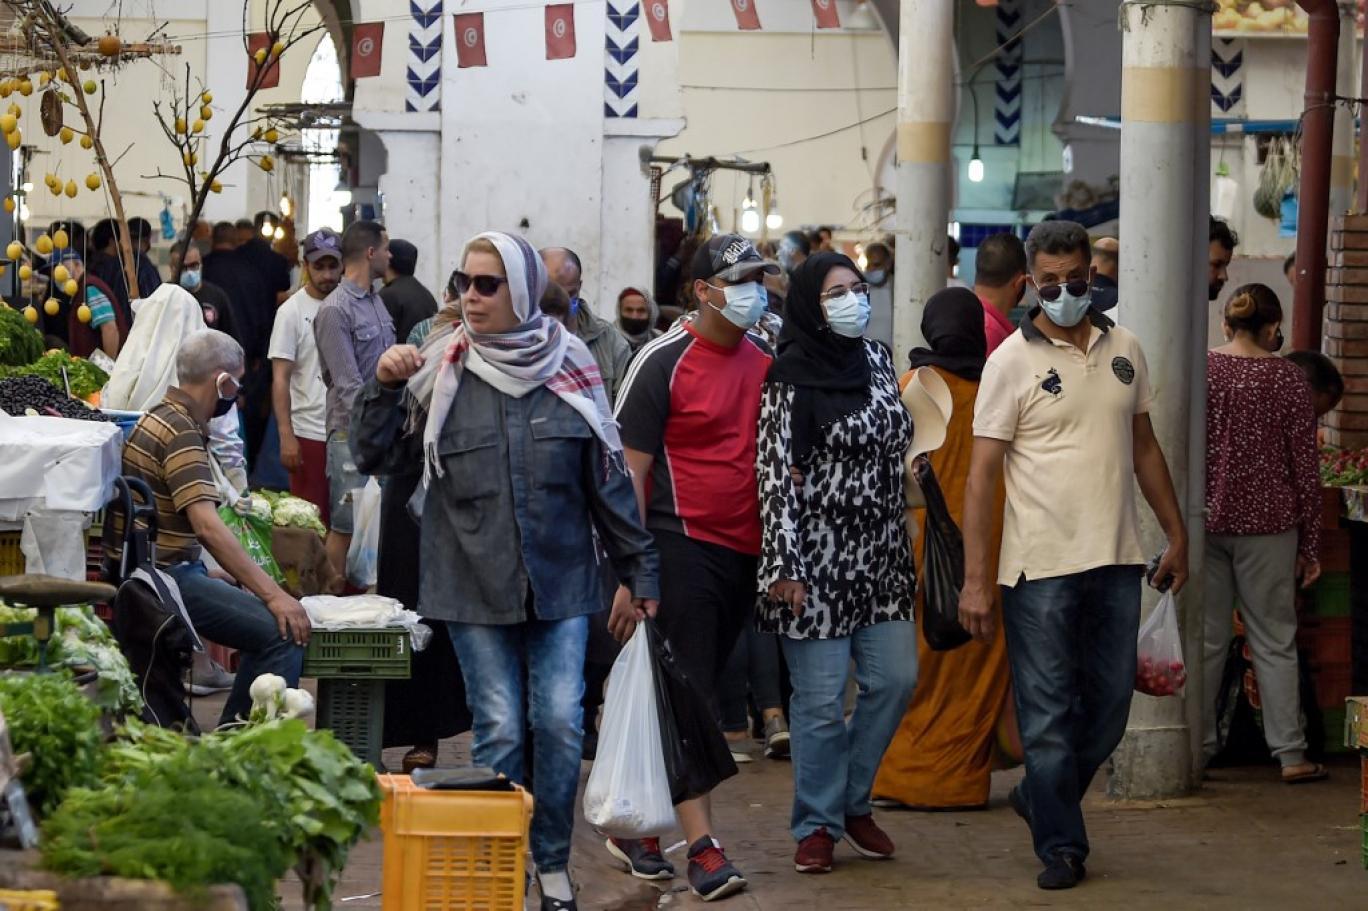 الوضع الوبائي في تونس يسير نحو منعرج خطير.. كارثة على الأبواب والتطعيم بات مسألة حياة أو موت